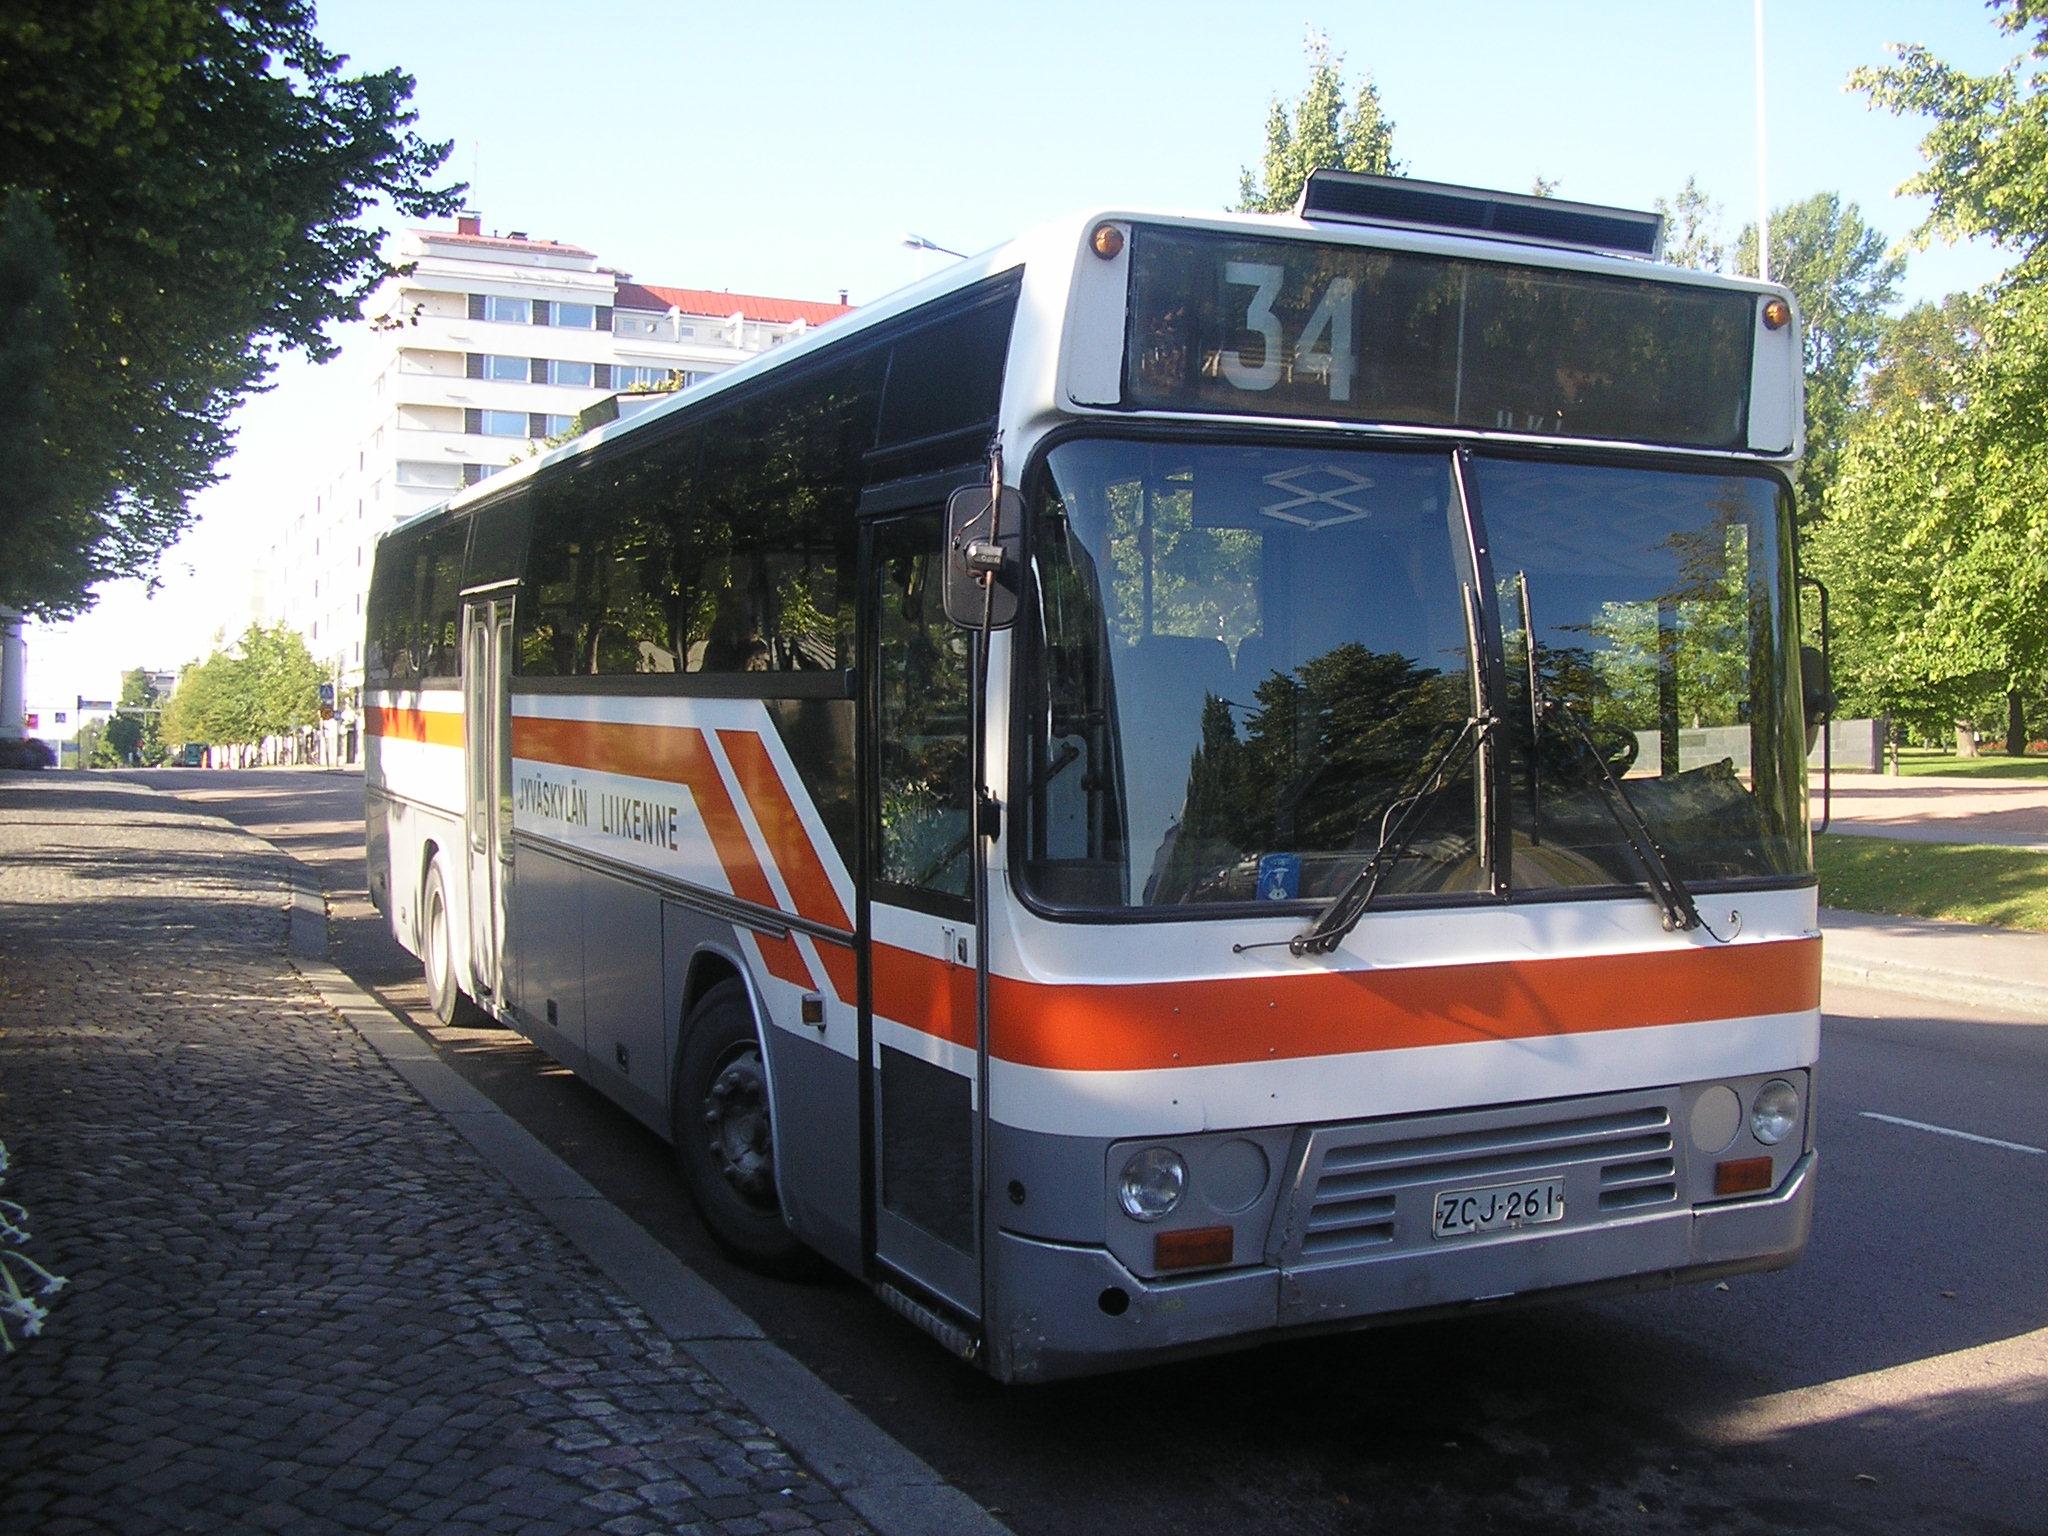 jyväskylän liikenne hinnasto 2015 Lahti